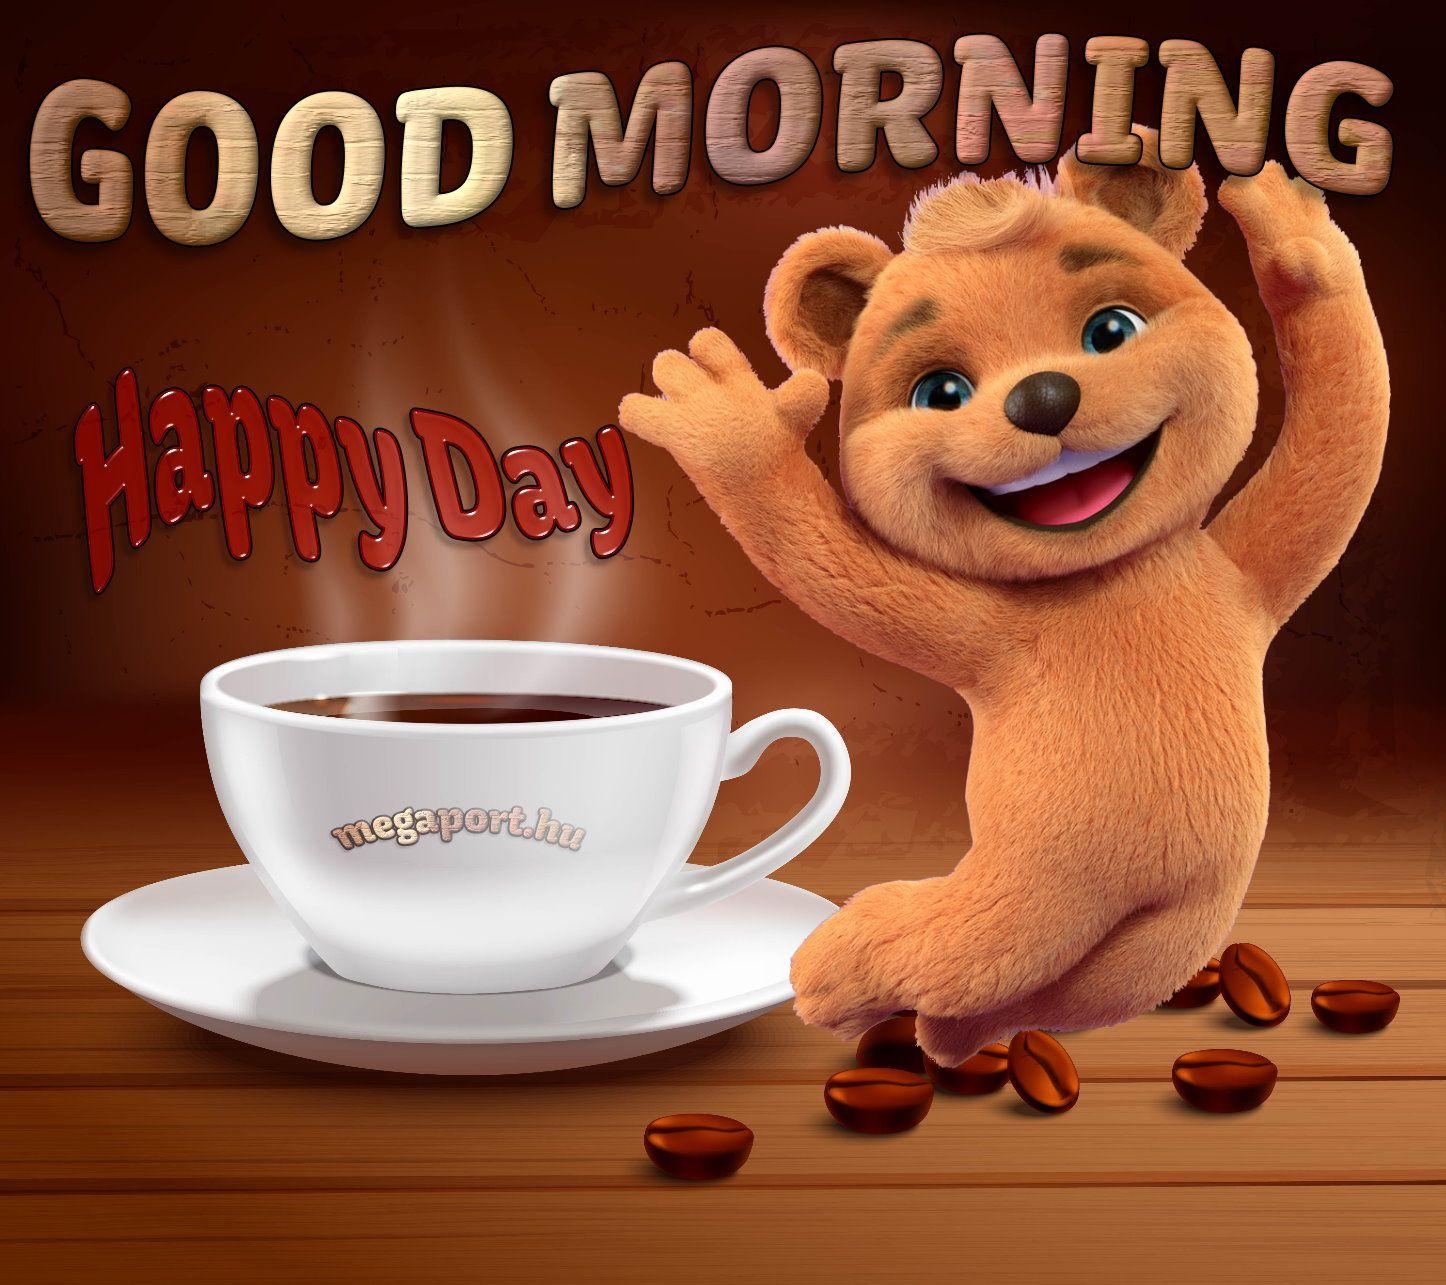 Cartoon Goodmorning Morning Happyday Happy Cute Teddybear